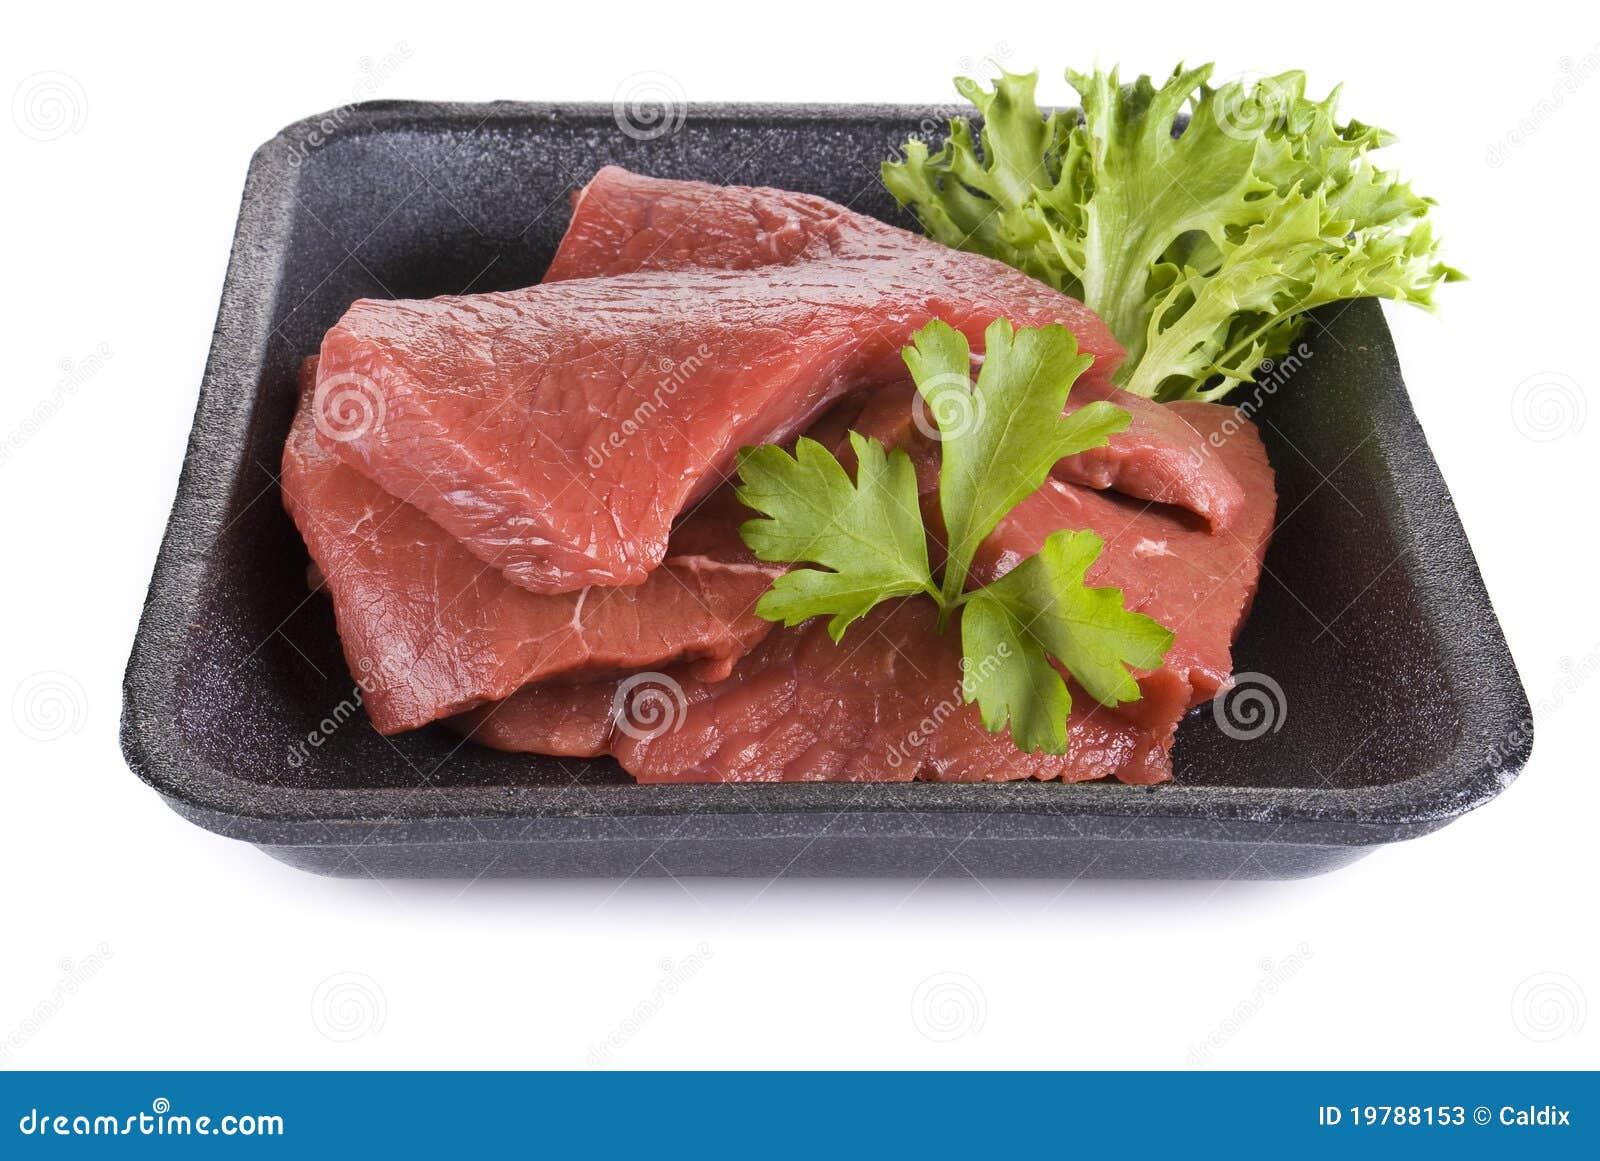 beef frying steak how to cook